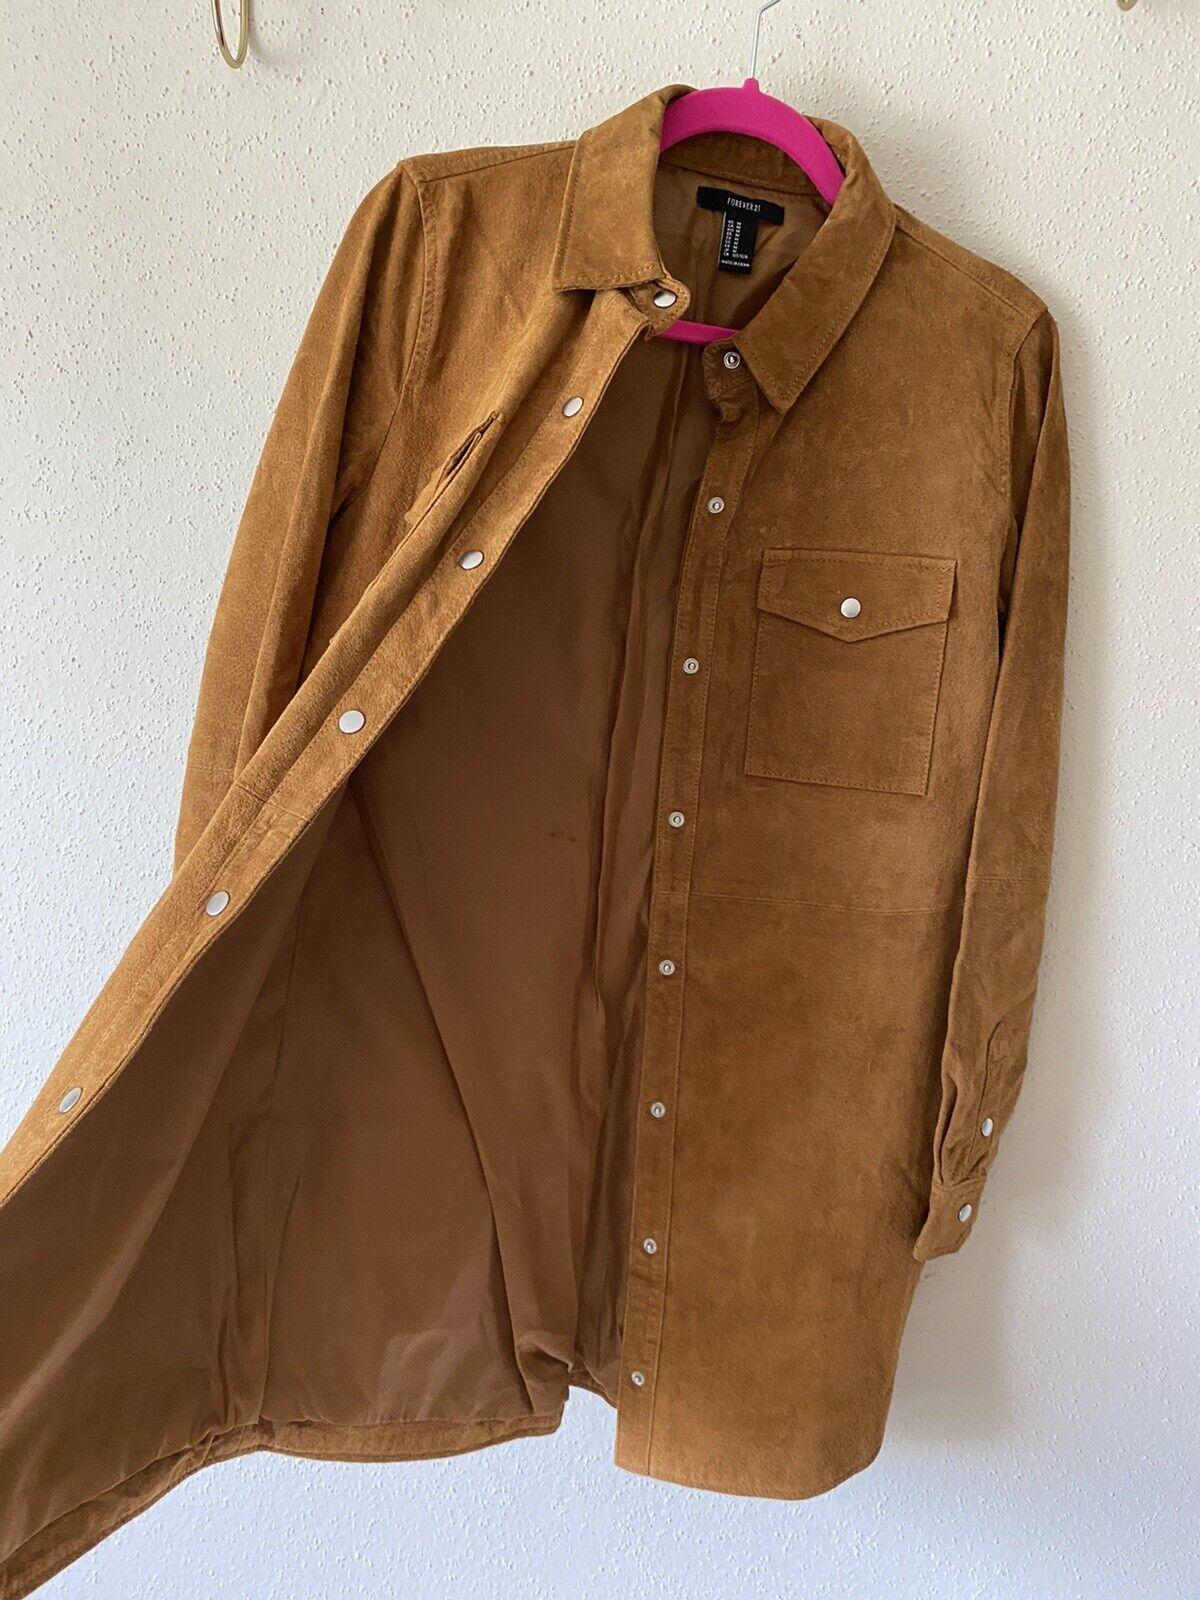 forever 21 leather jacket Shirt Size M - image 4